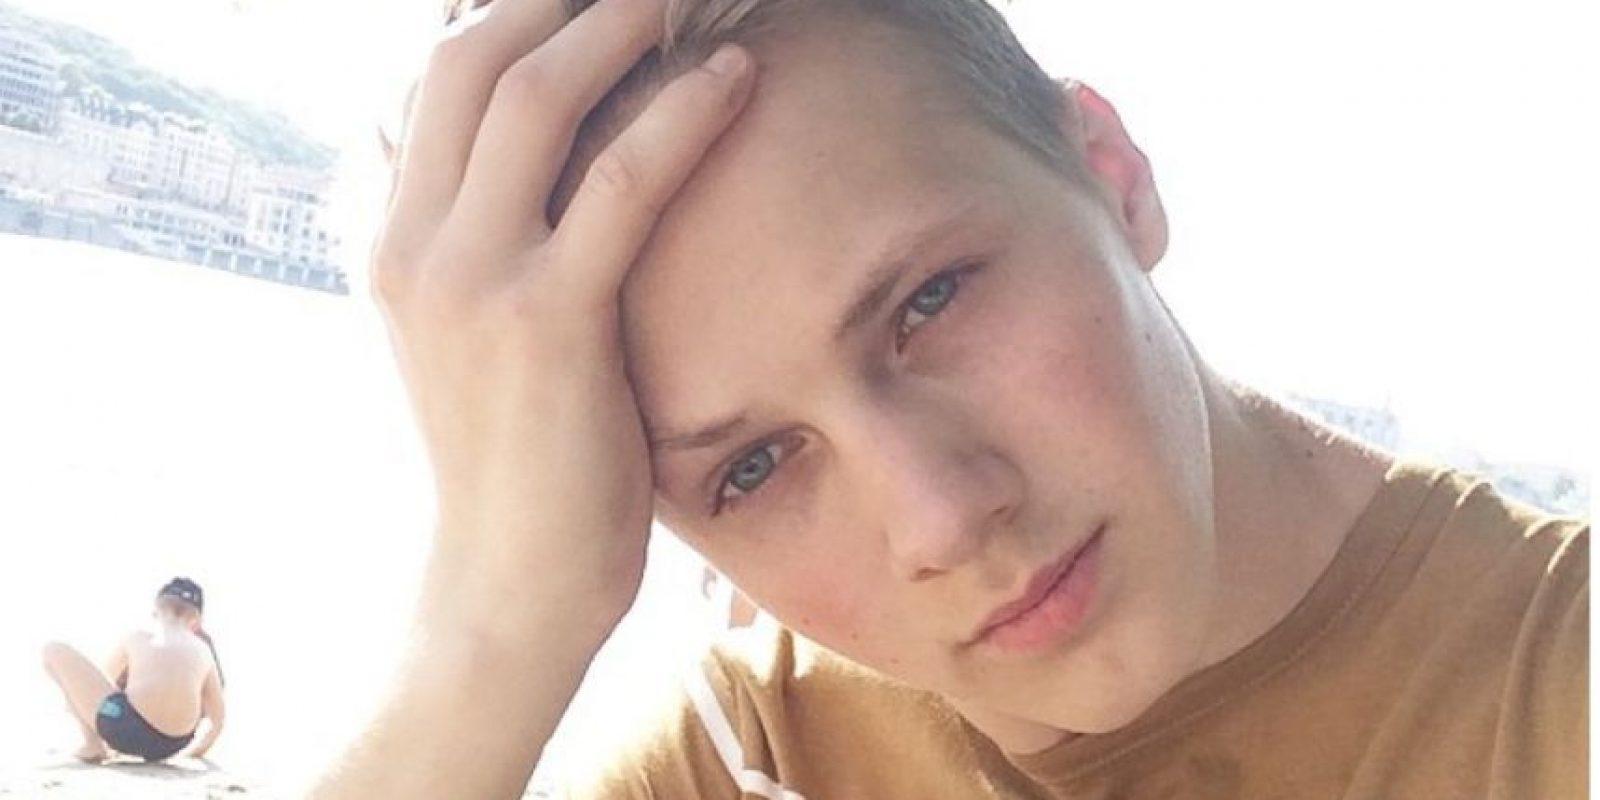 Tiene 18 años Foto:Vía Instagram/@pashabumchik